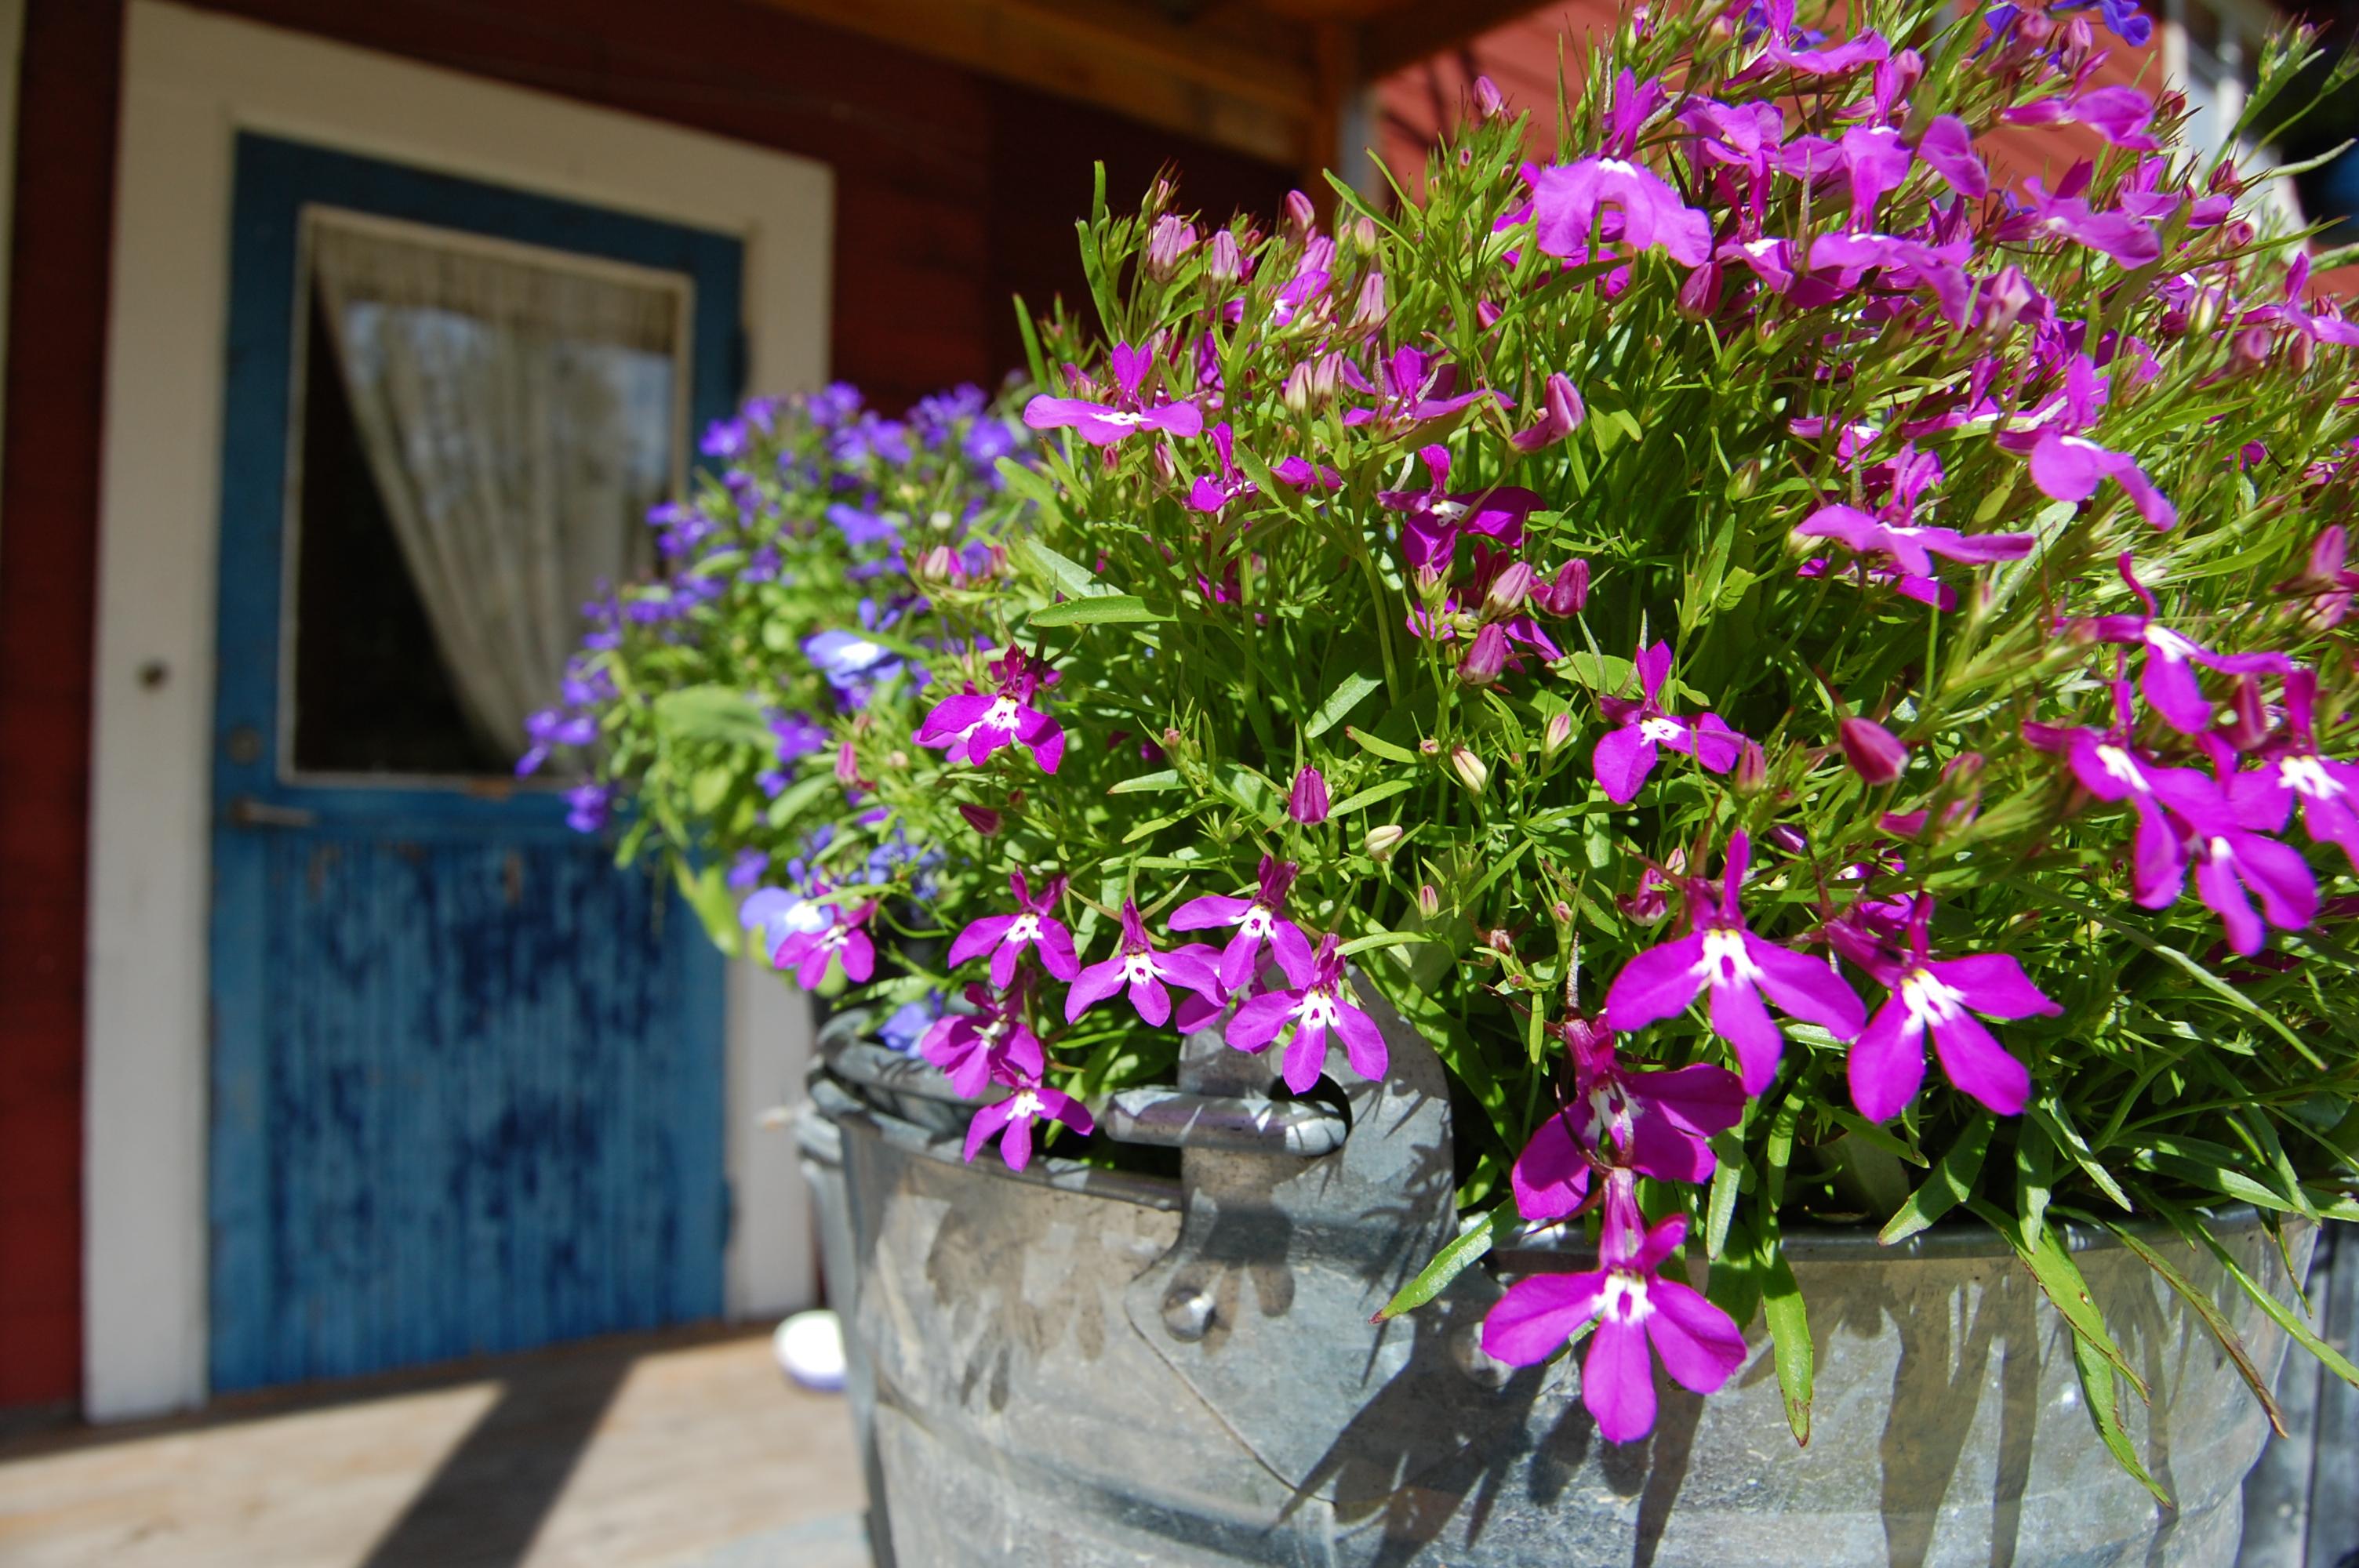 Blå ytterdörr med blommor i förgrunden.